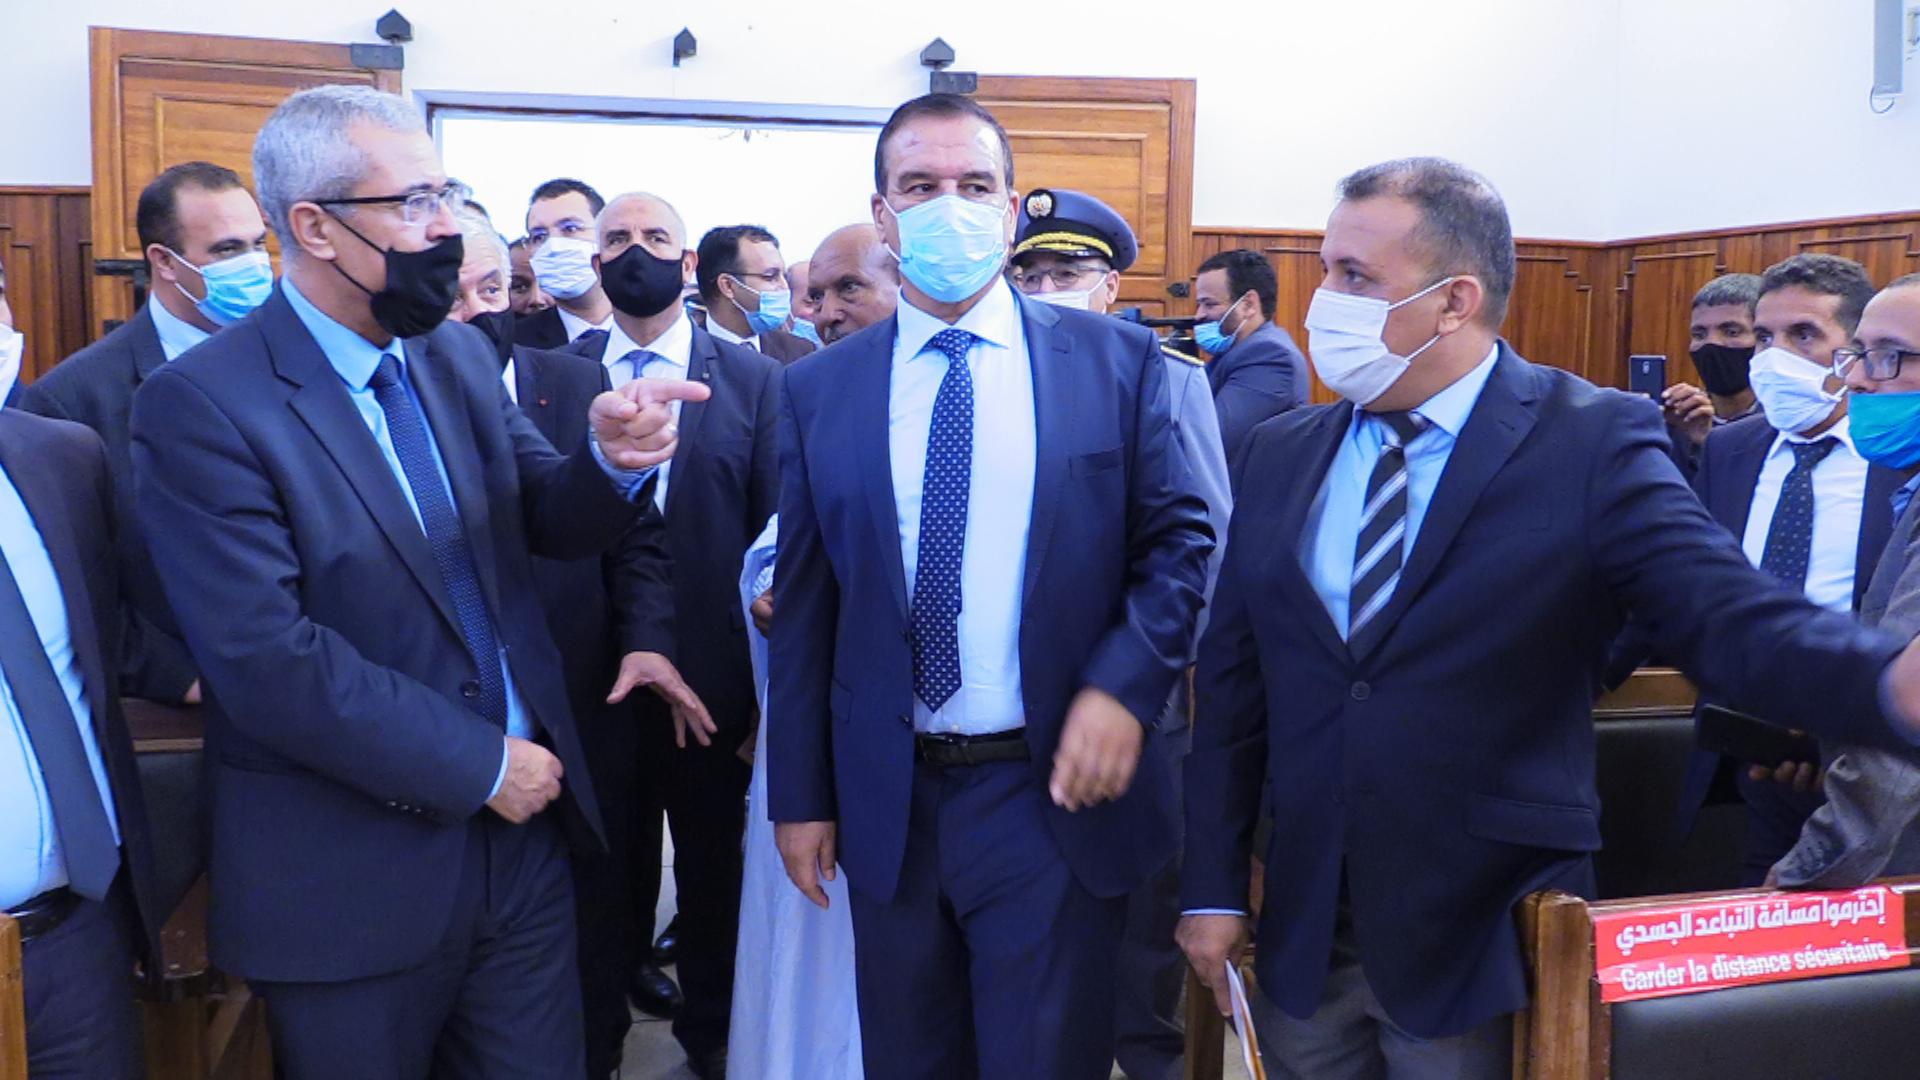 بوجدور:زيارة السيد وزير العدل والسيد عامل اقليم بوجدور للمركز القضائي ببوجدور